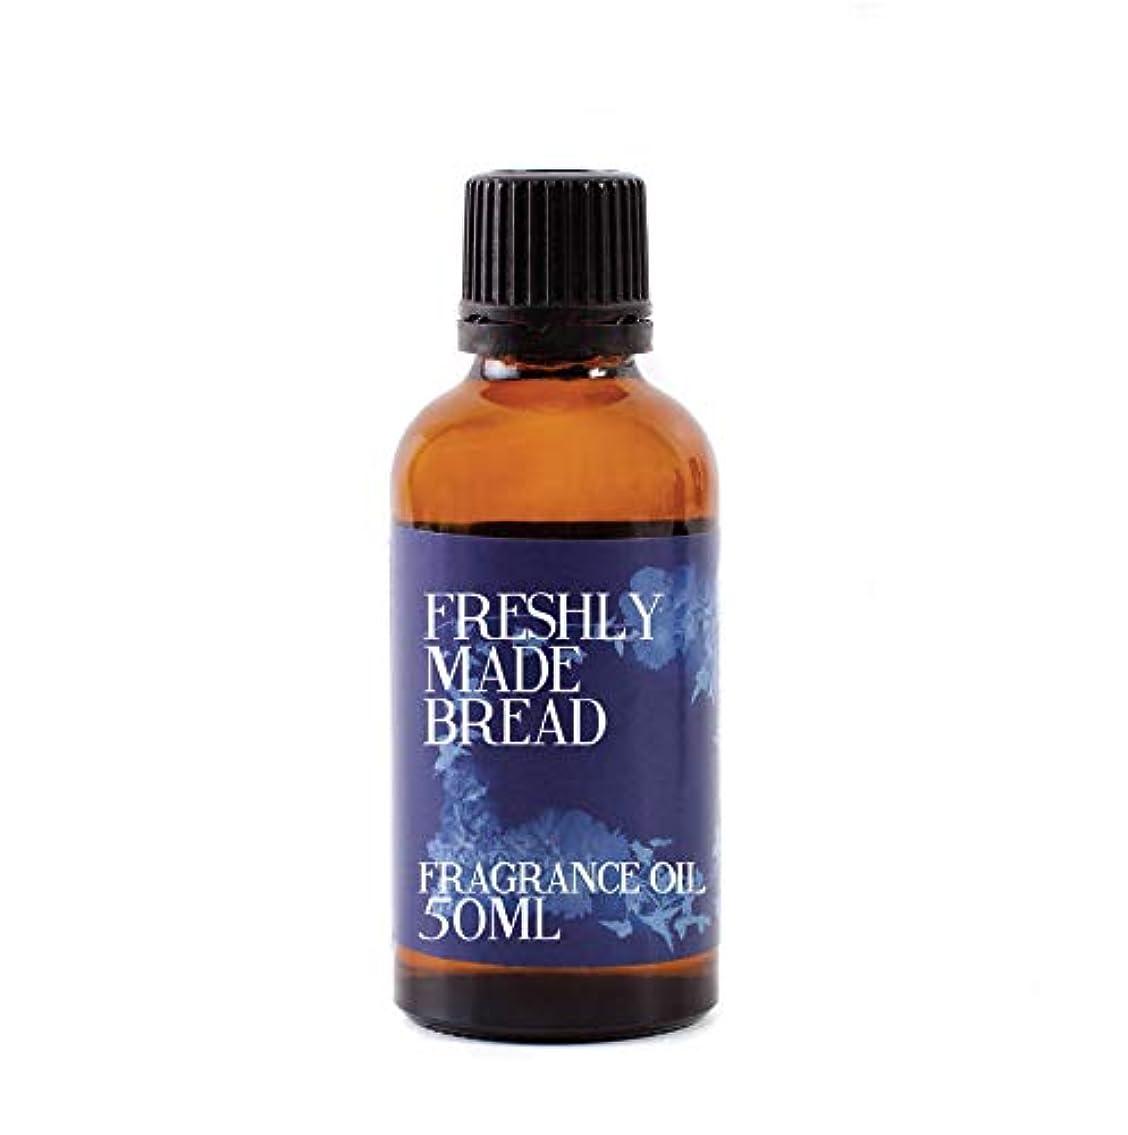 を除く変更誘導Mystic Moments | Freshly Made Bread Fragrance Oil - 50ml